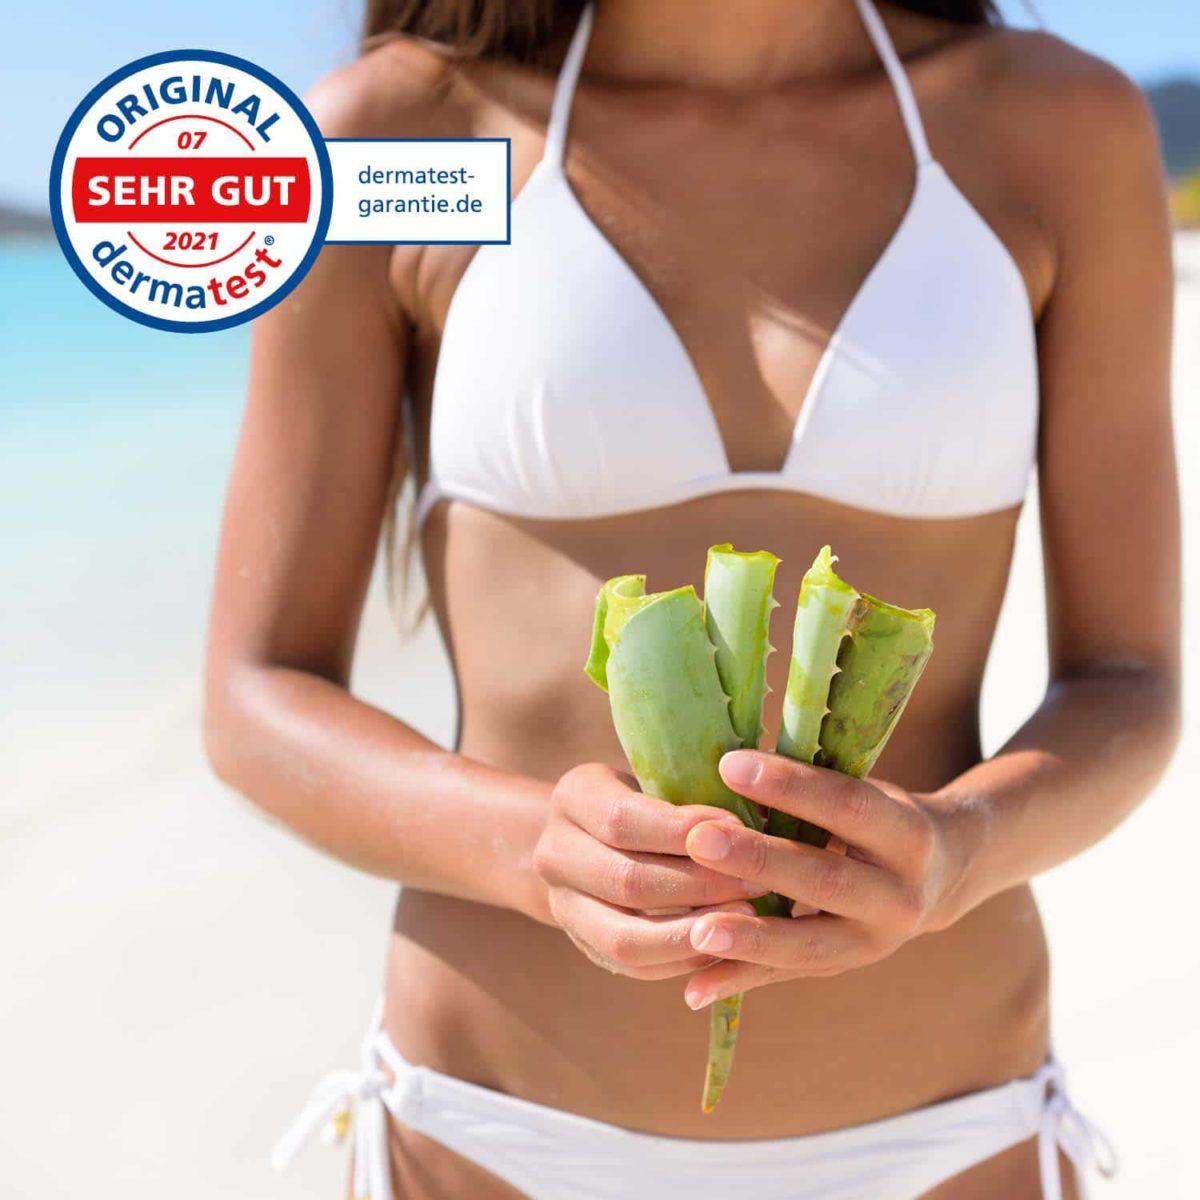 Casida Aloe Vera Spray Haut & Haare 16813047 PZN Apotheke Hautpflege Feuchtigkeitsspendend Sonnenbrand Rasur Hautreizungen8